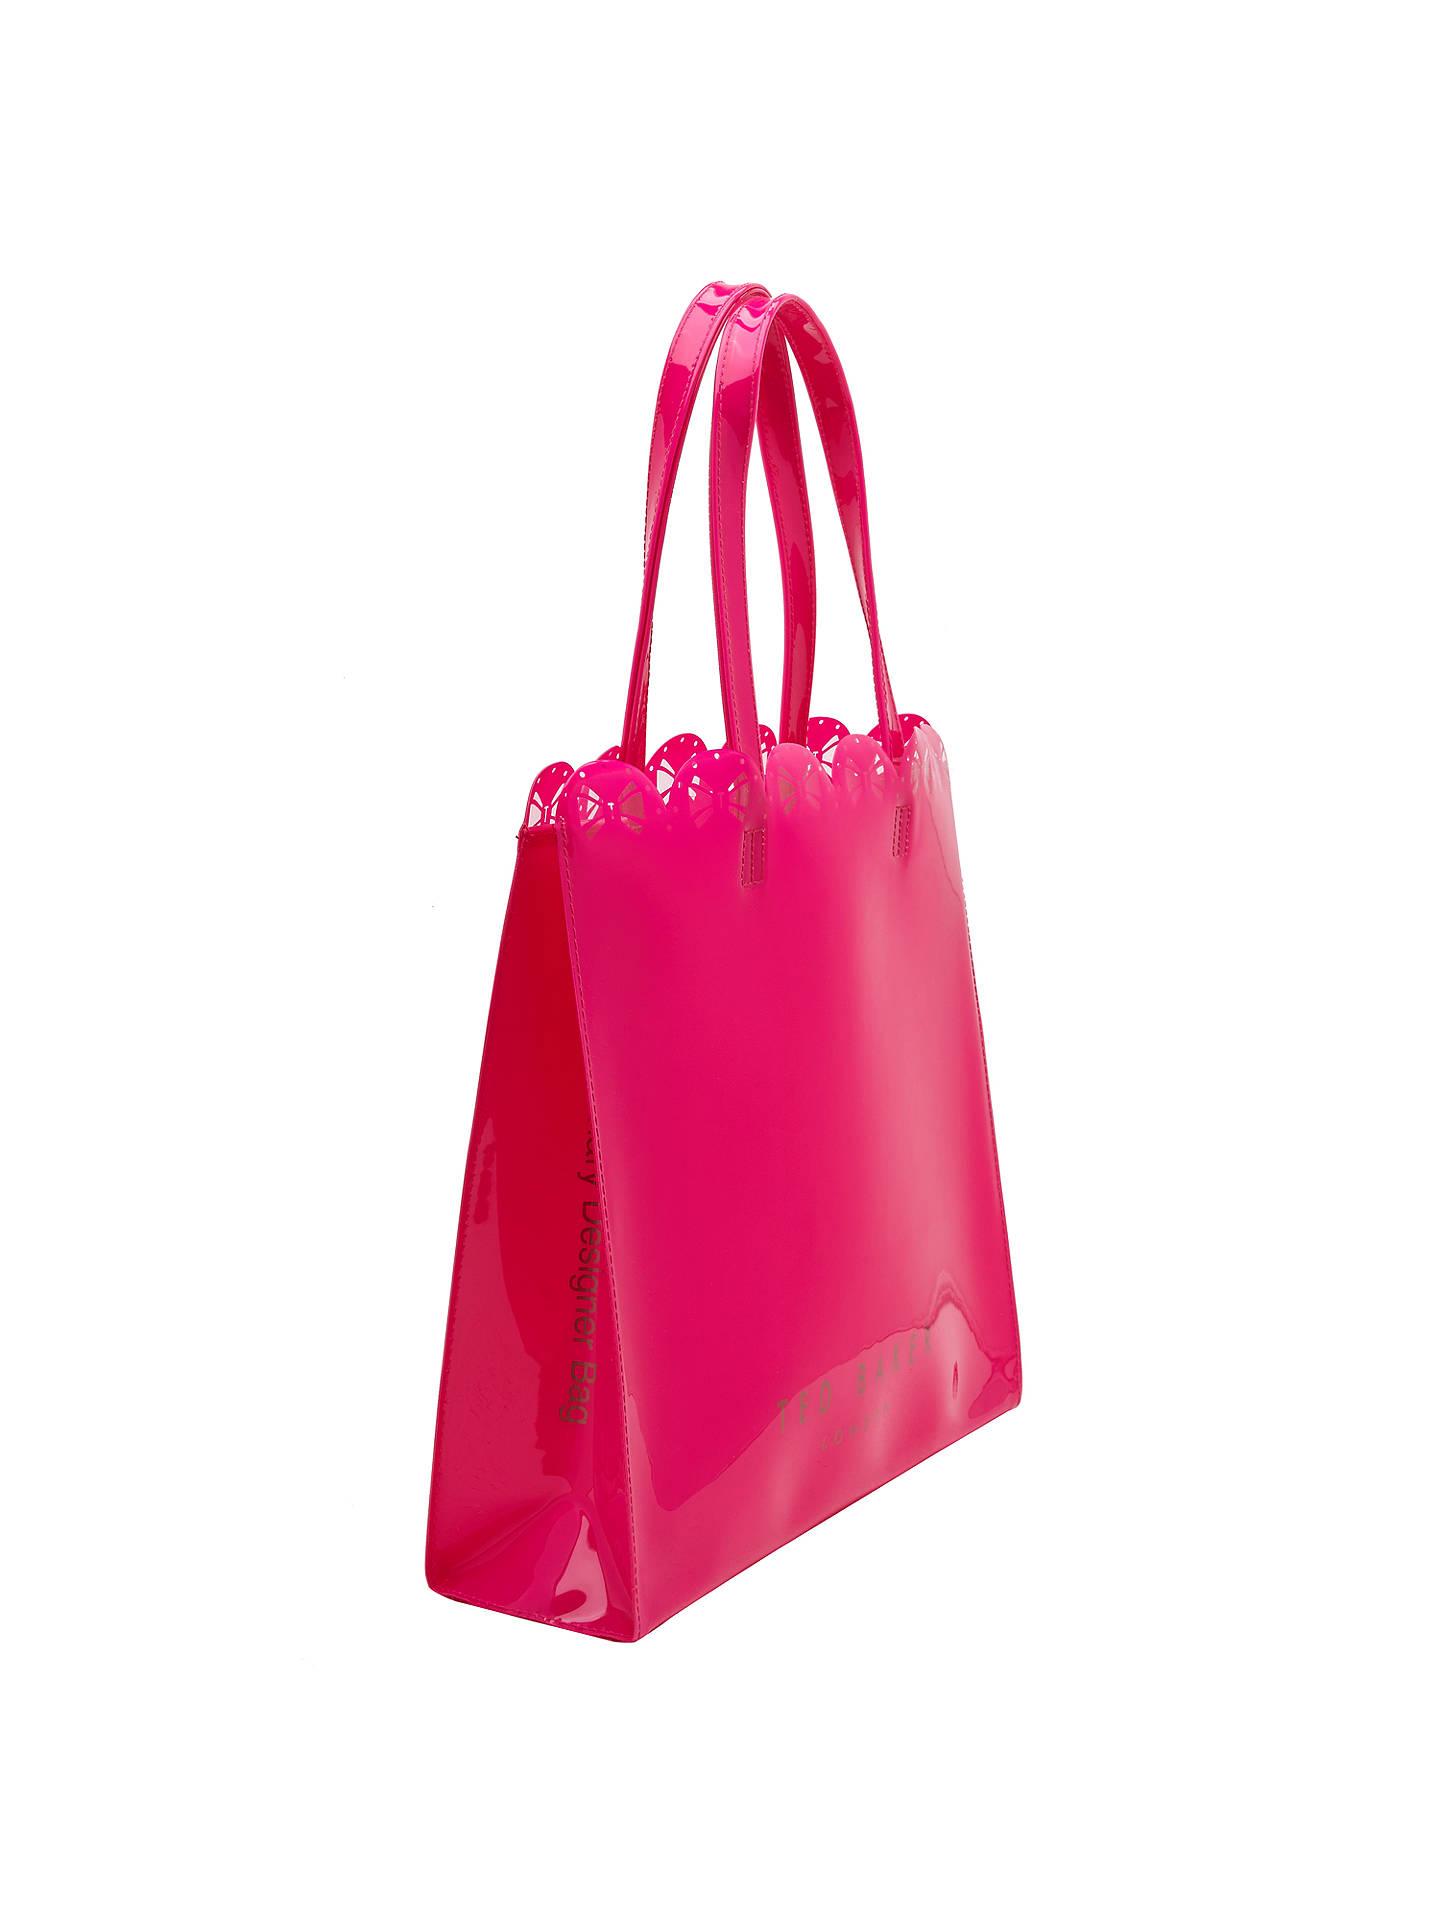 164de89d301a26 Ted Baker Evecon Large Shopper Bag at John Lewis   Partners